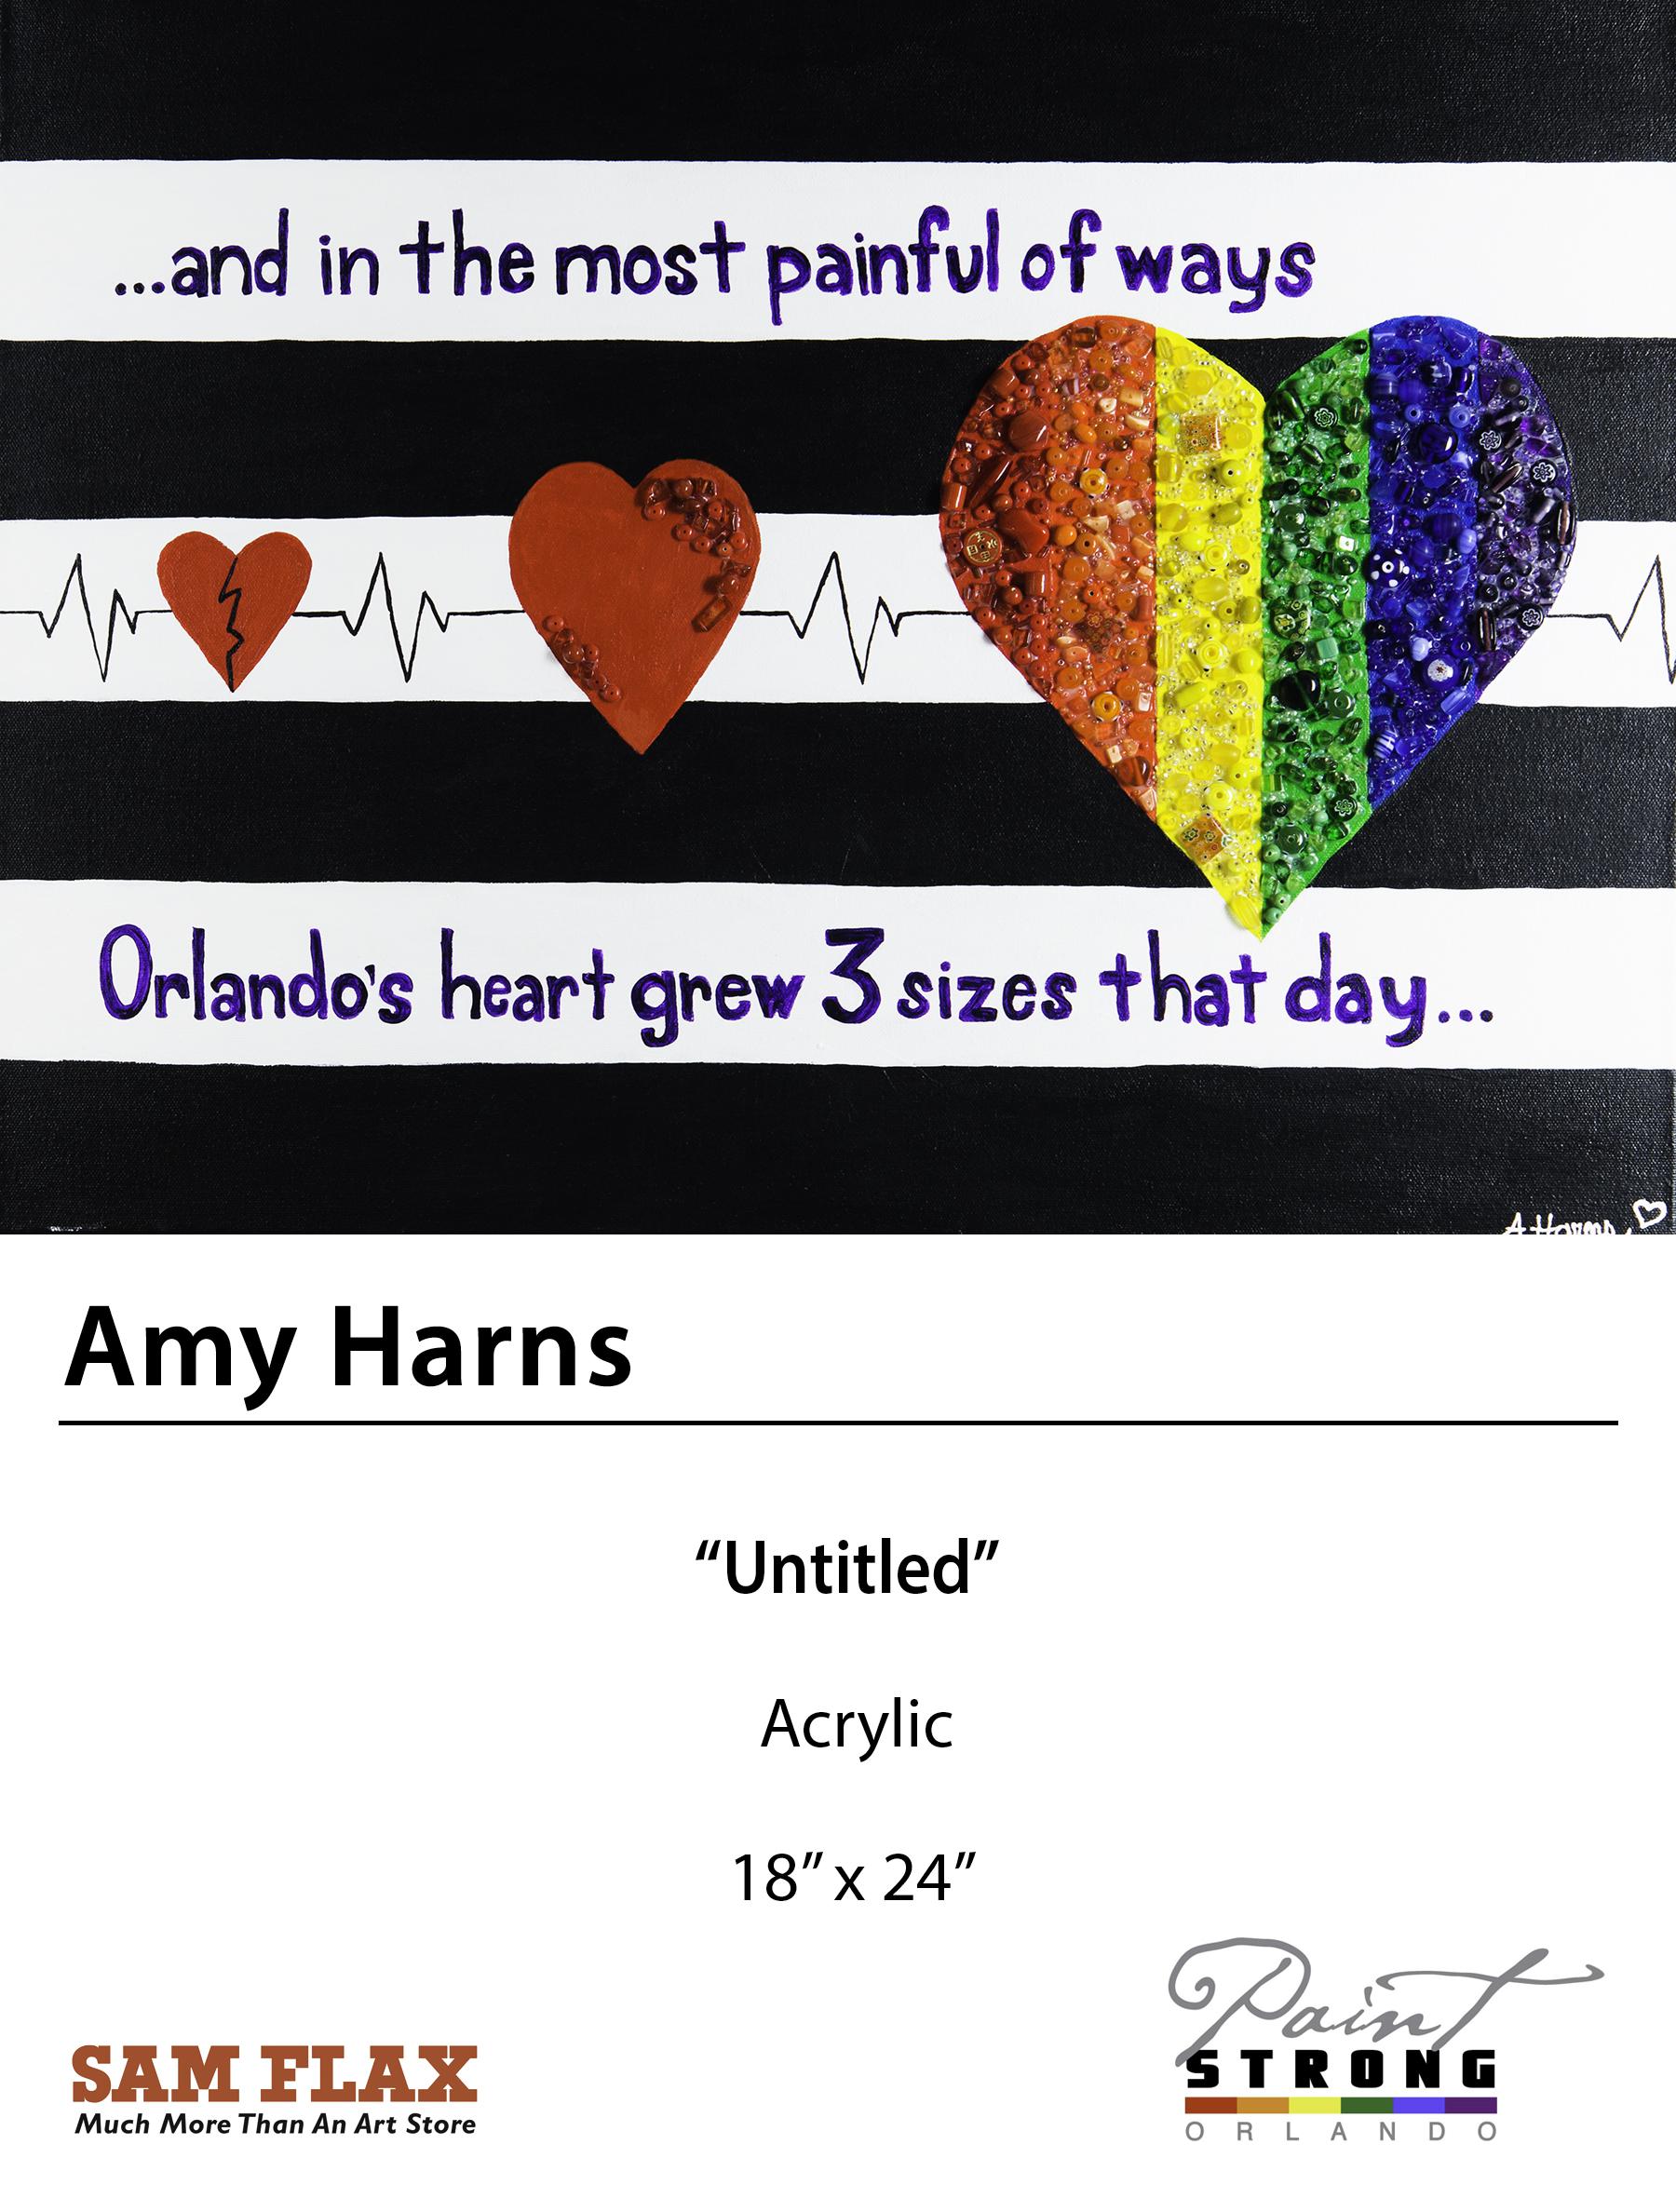 Amy Harns